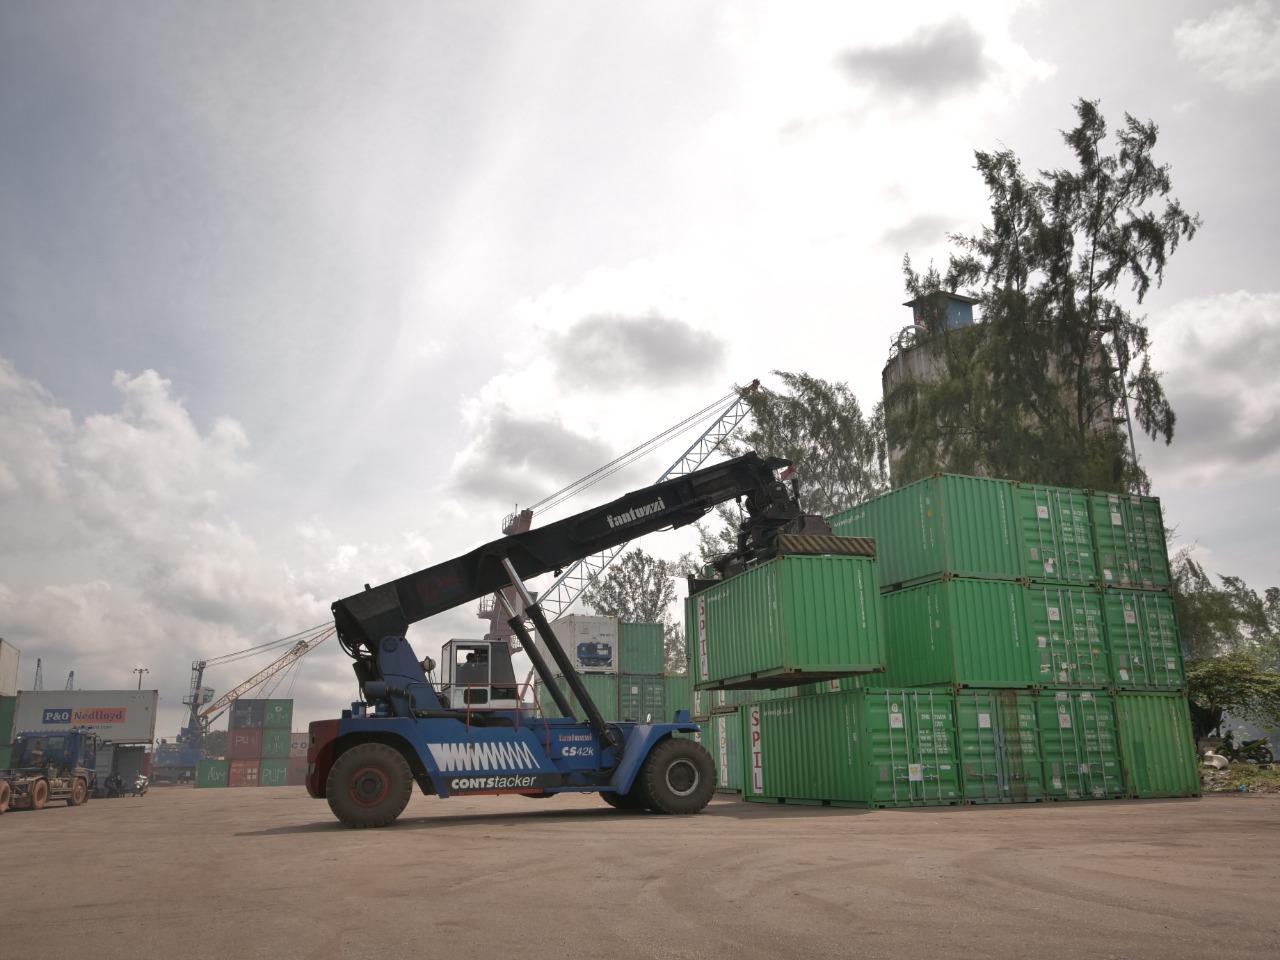 Foto Badan usaha pelabuhan, Batam, bongkar muat peti kemas, BP Batam, Pelabuhan peti kemas, Pelabuhan peti kemas Batam